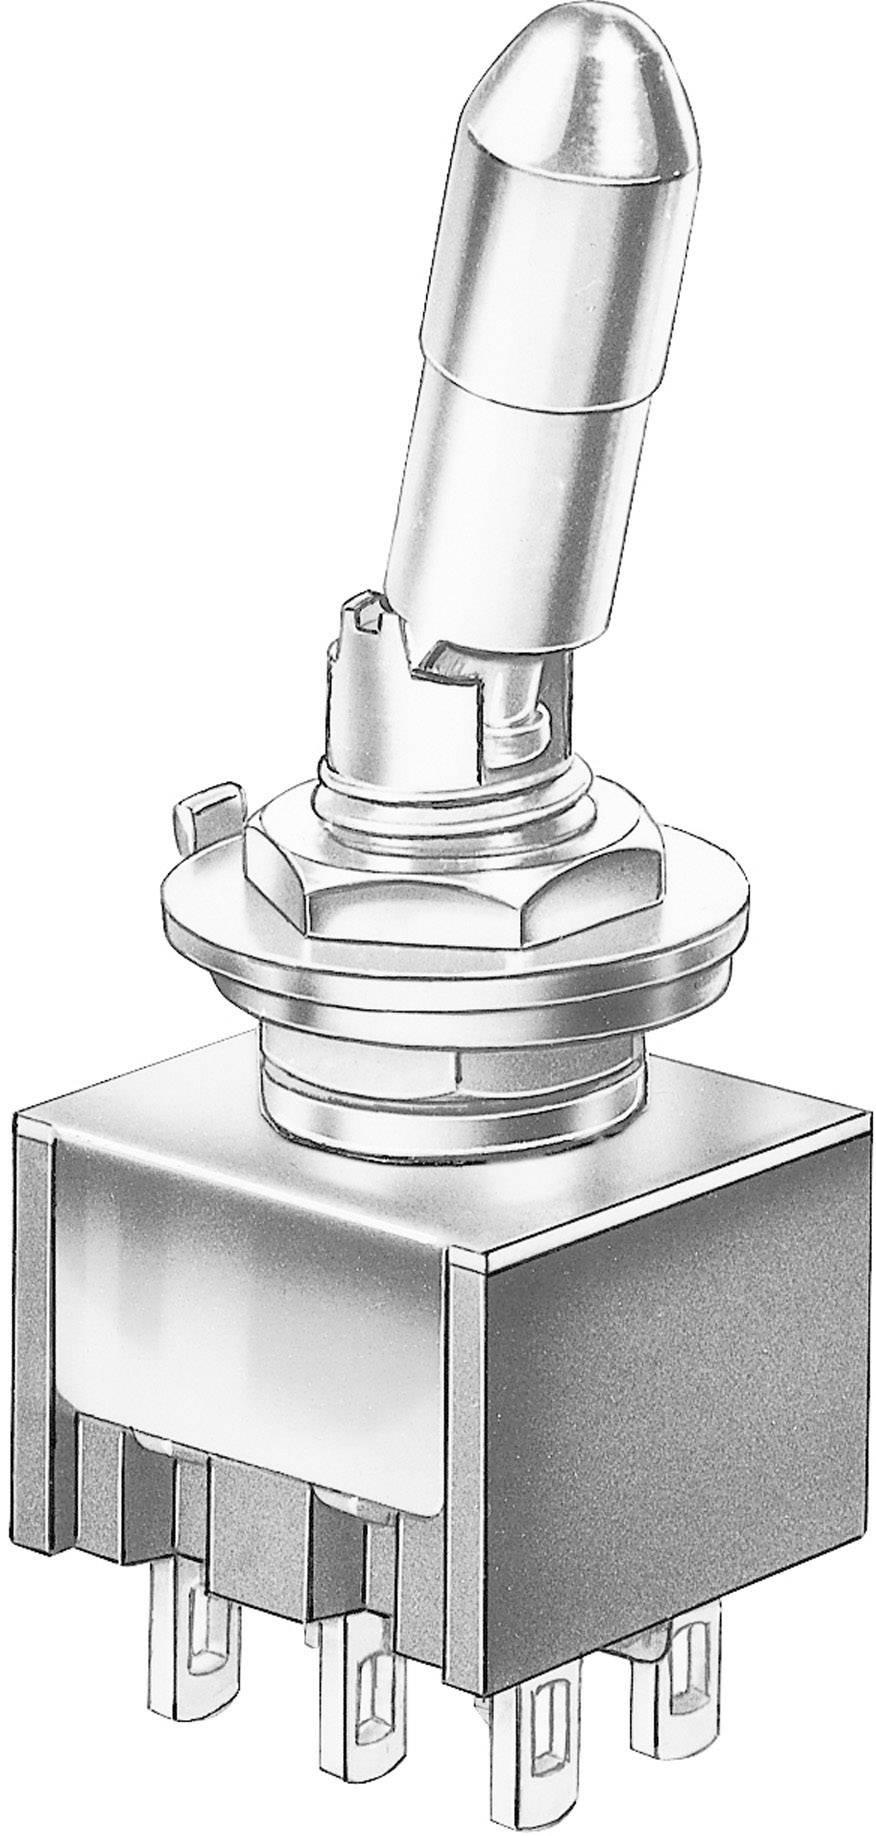 Miniatúrny pákový spínač Marquardt 9047.0202, 30 V/DC, 4 A, 1 ks